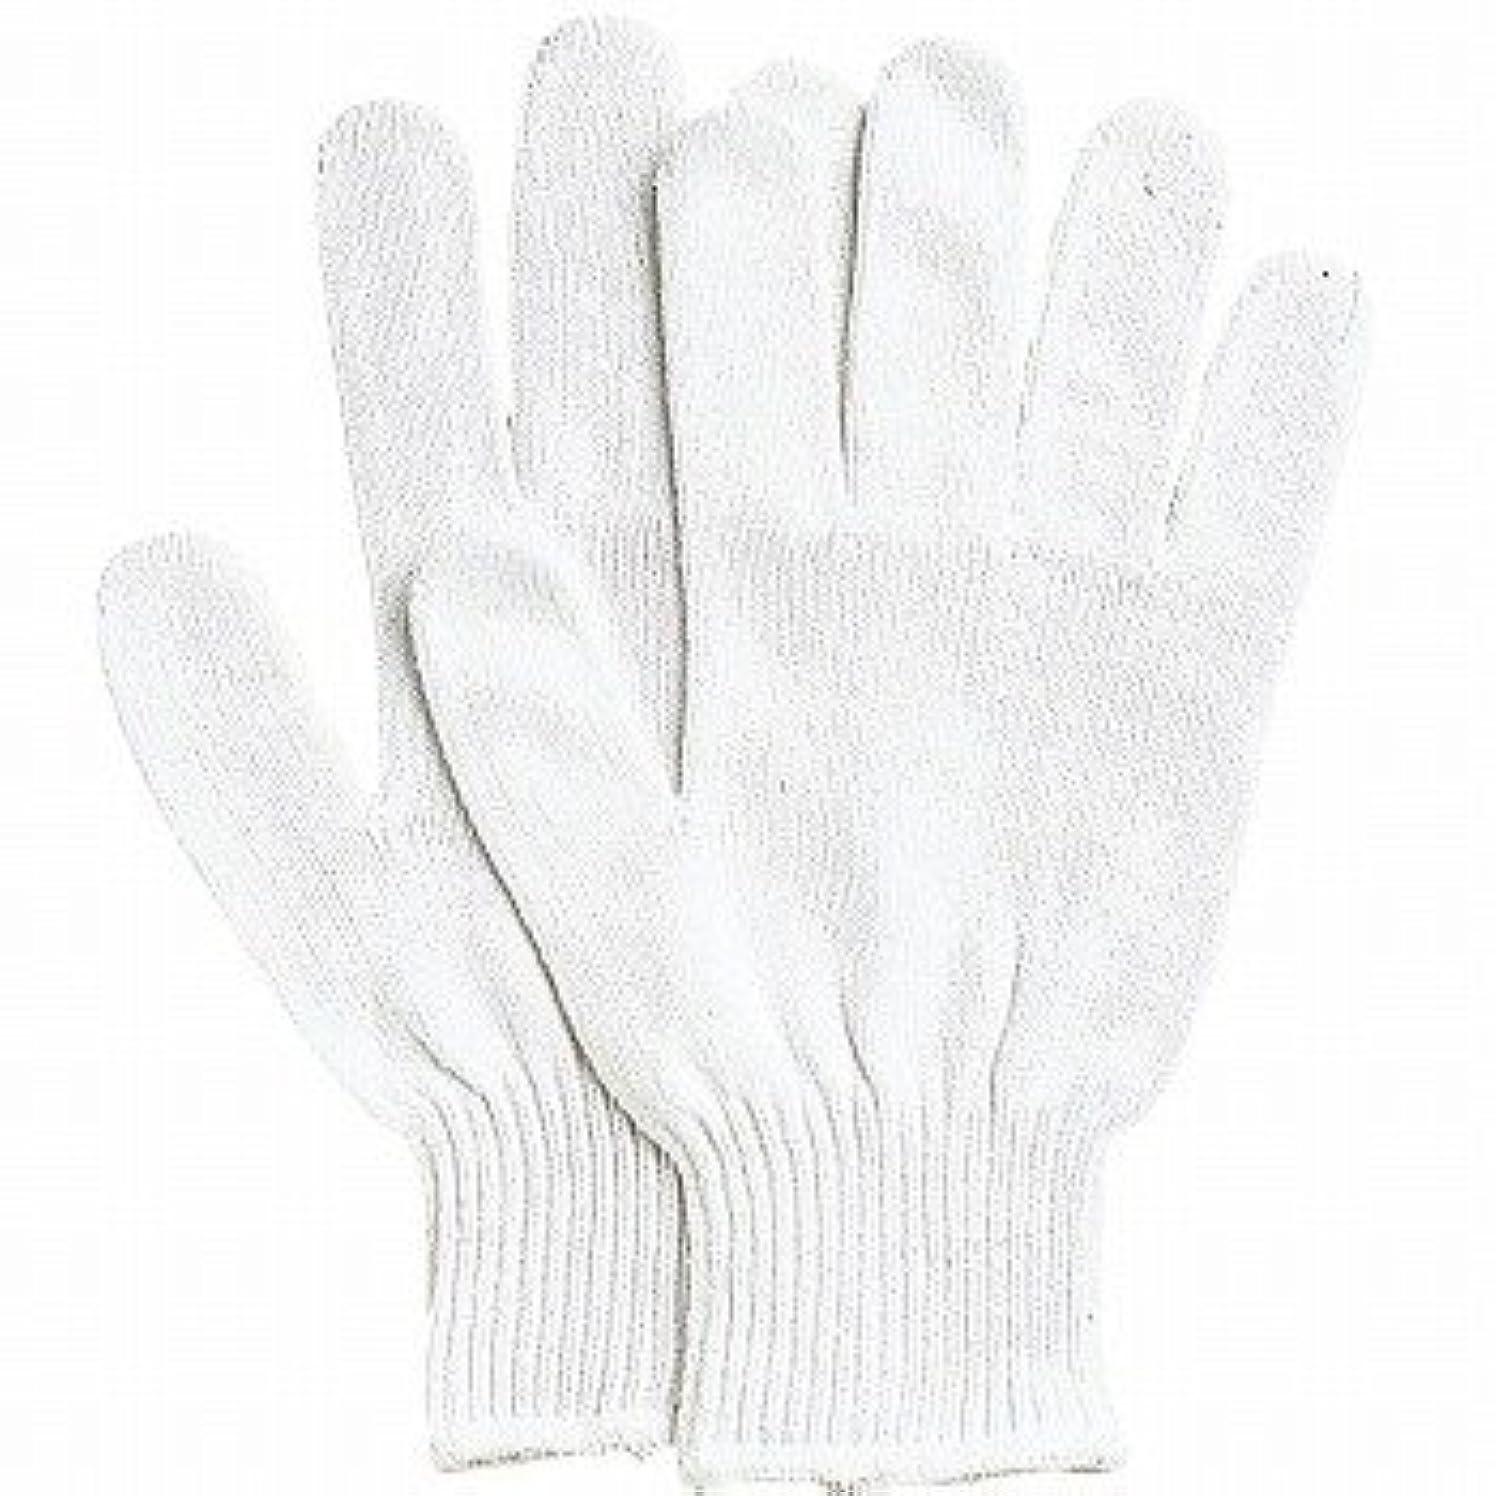 割り込みタイピスト六分儀おたふく手袋/薄手編み手袋 カーグローブNo.500[480双入]/品番:500